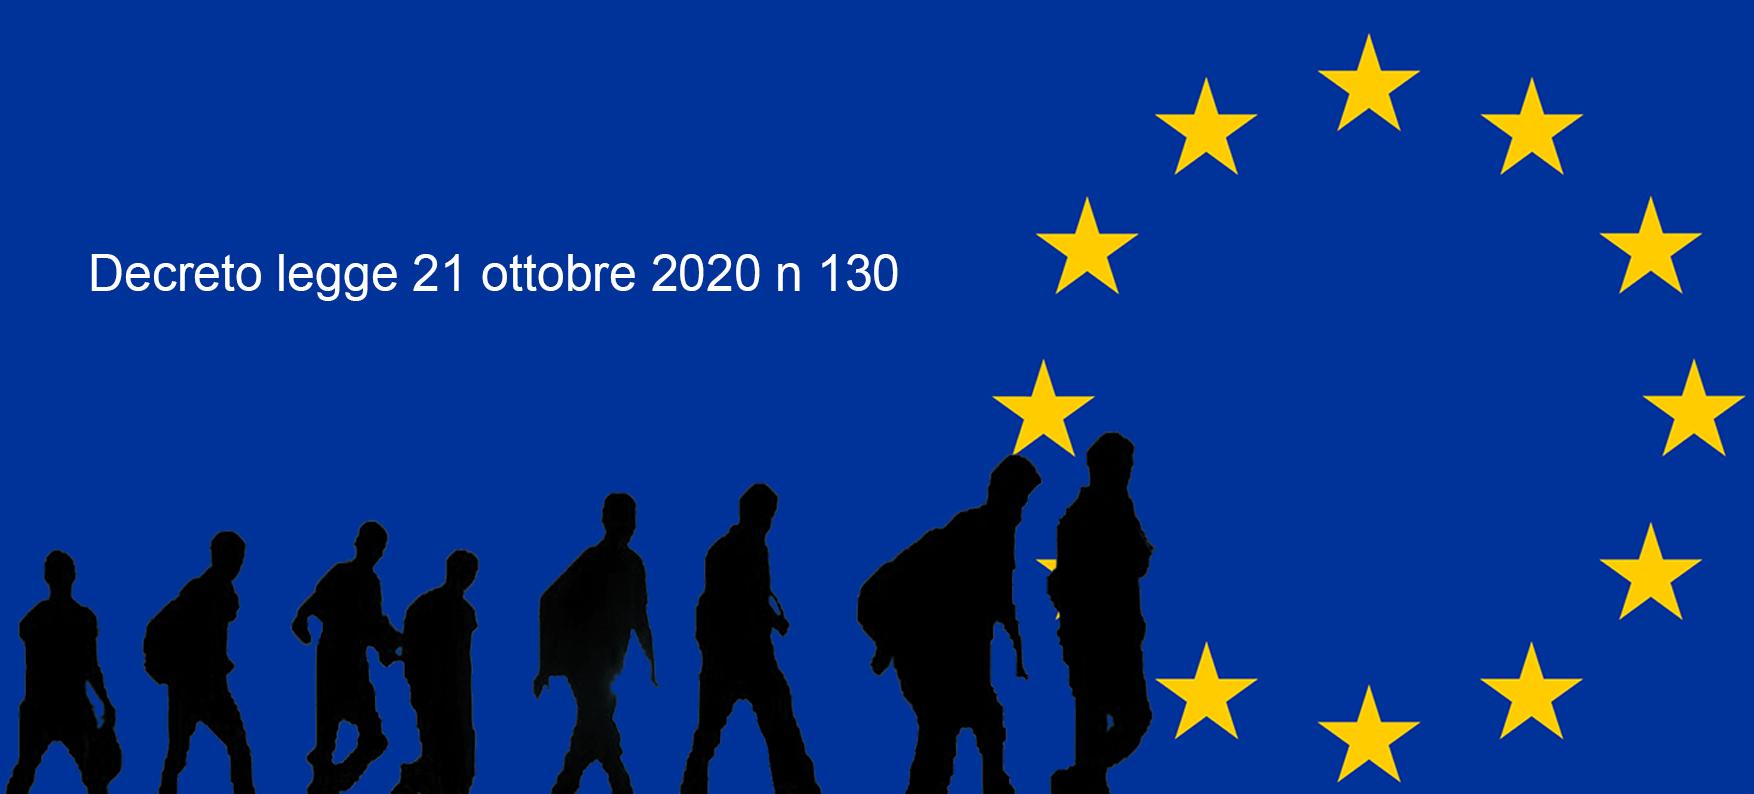 Decreto legge 21 ottobre 2020